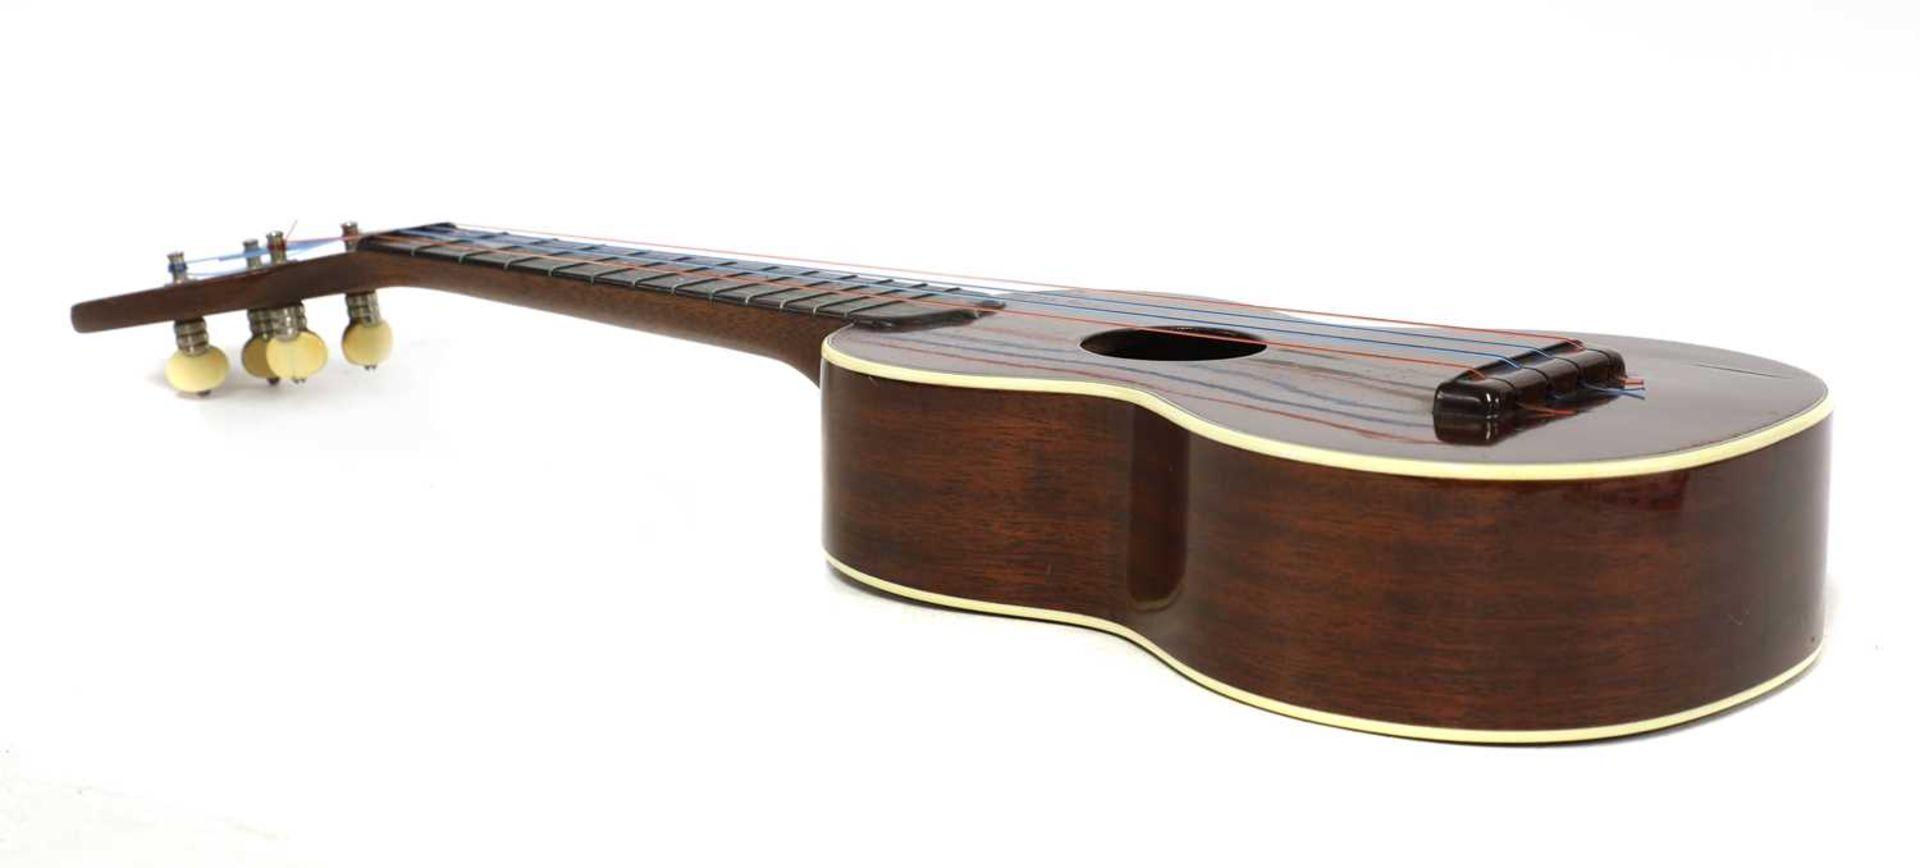 A Martin & Co. Style 2 ukulele, - Image 2 of 7